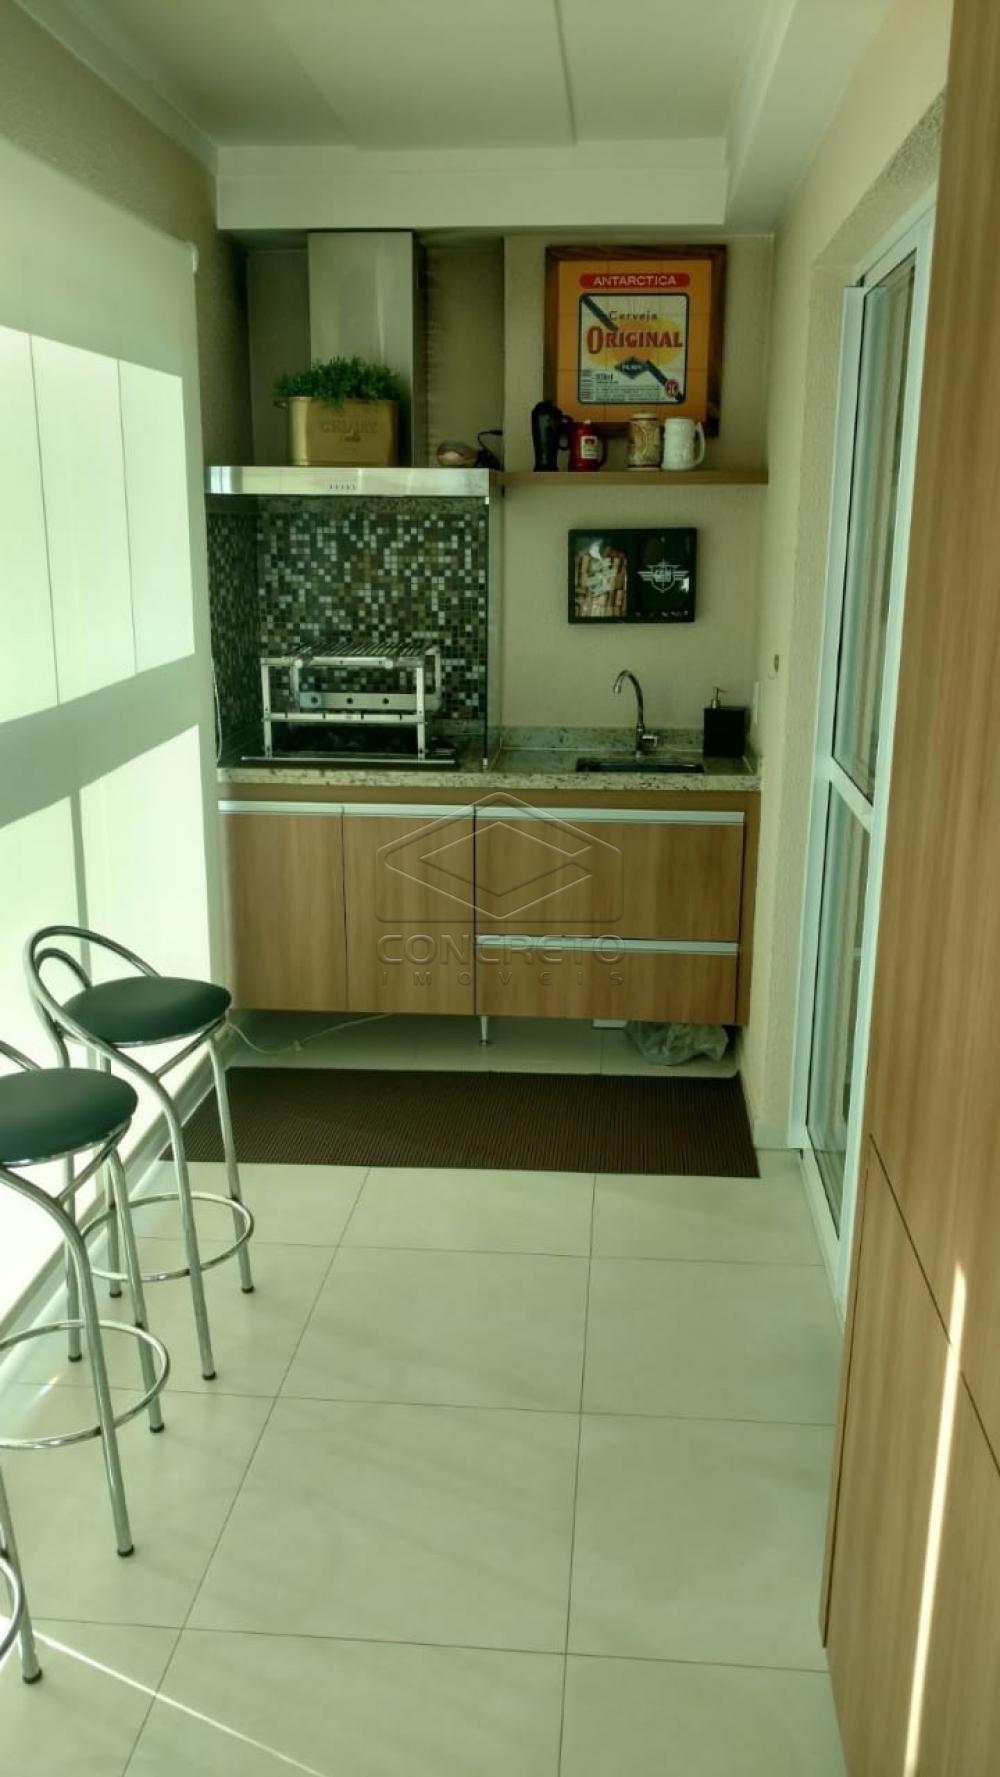 Comprar Apartamento / Padrão em Bauru R$ 640.000,00 - Foto 2